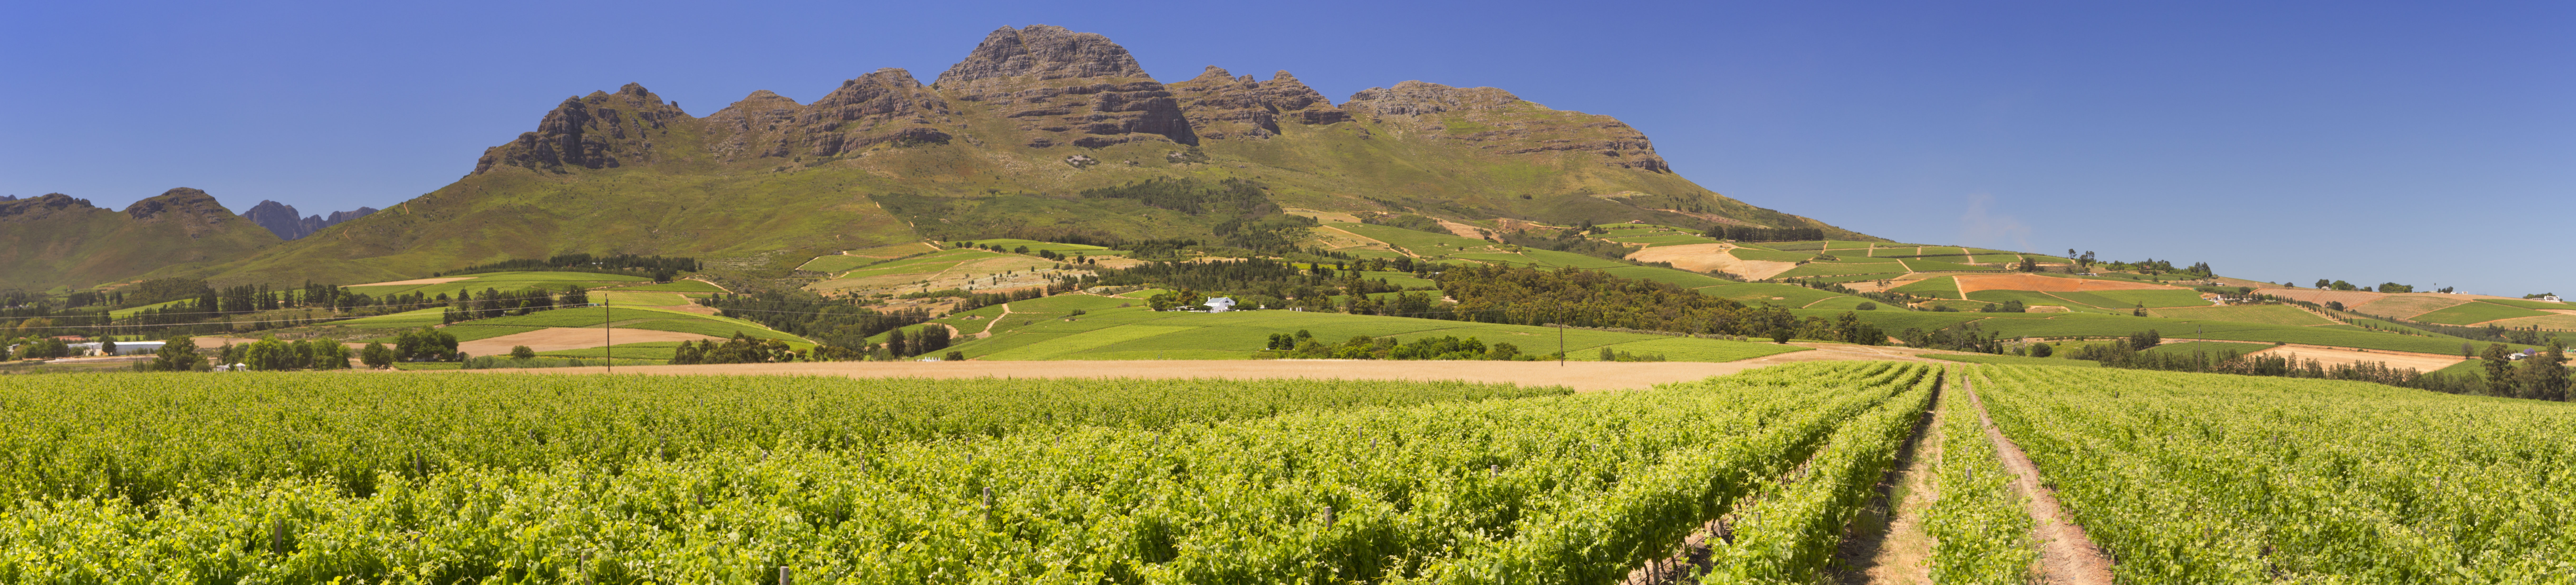 Afrique du Sud voyage organisé